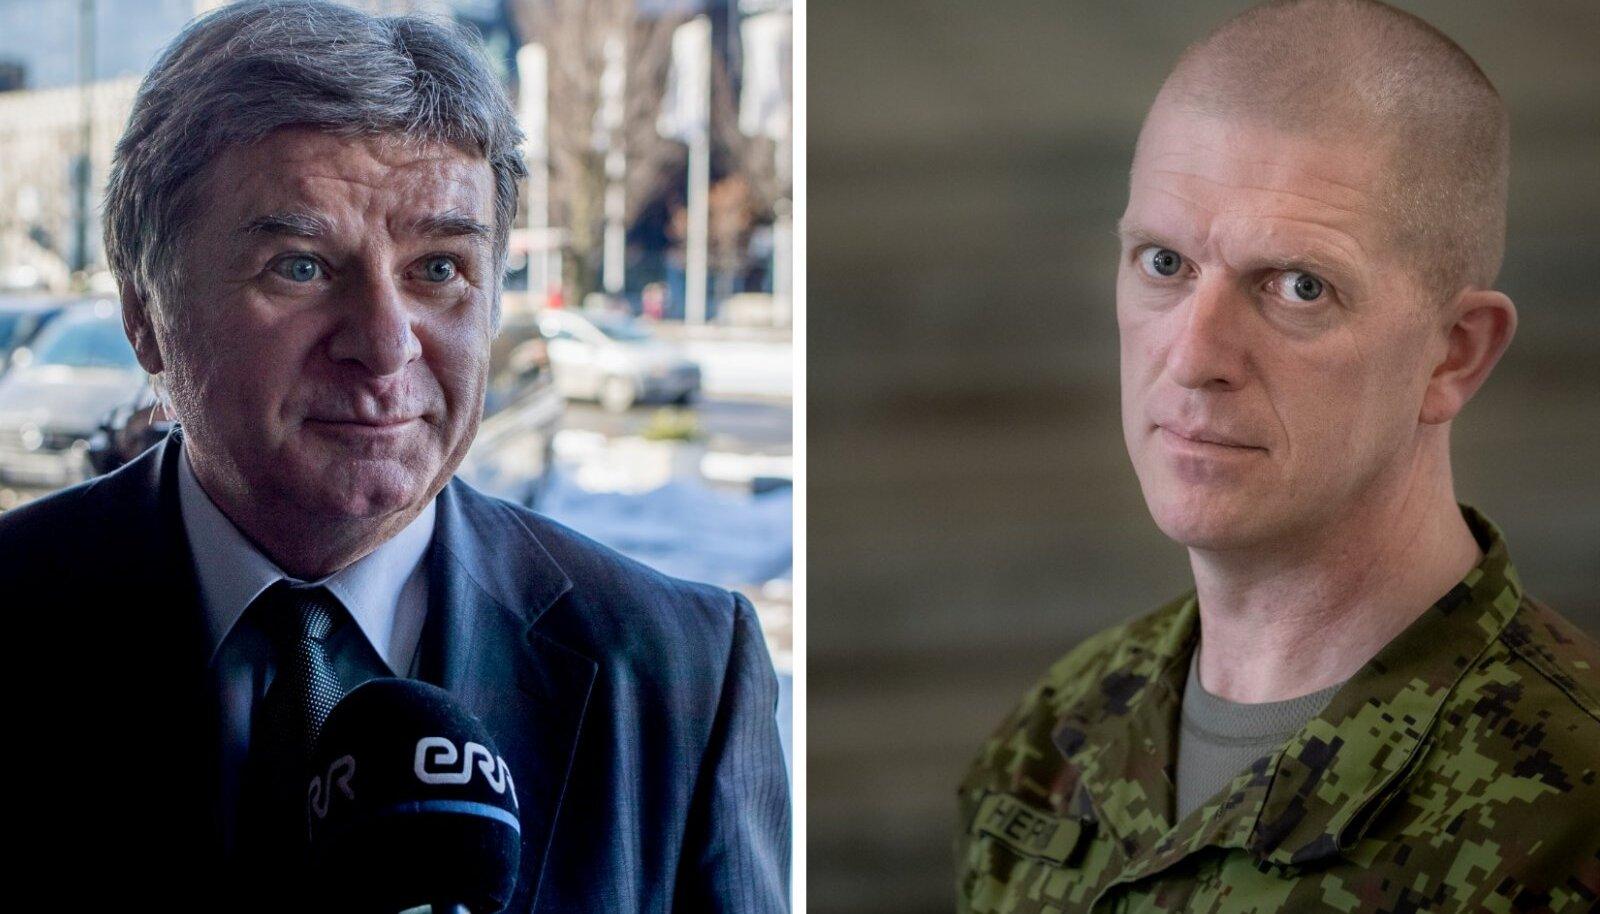 Посол РФ в Эстонии Александр Петров (слева) и т командующий Силами обороны Мартин Херем